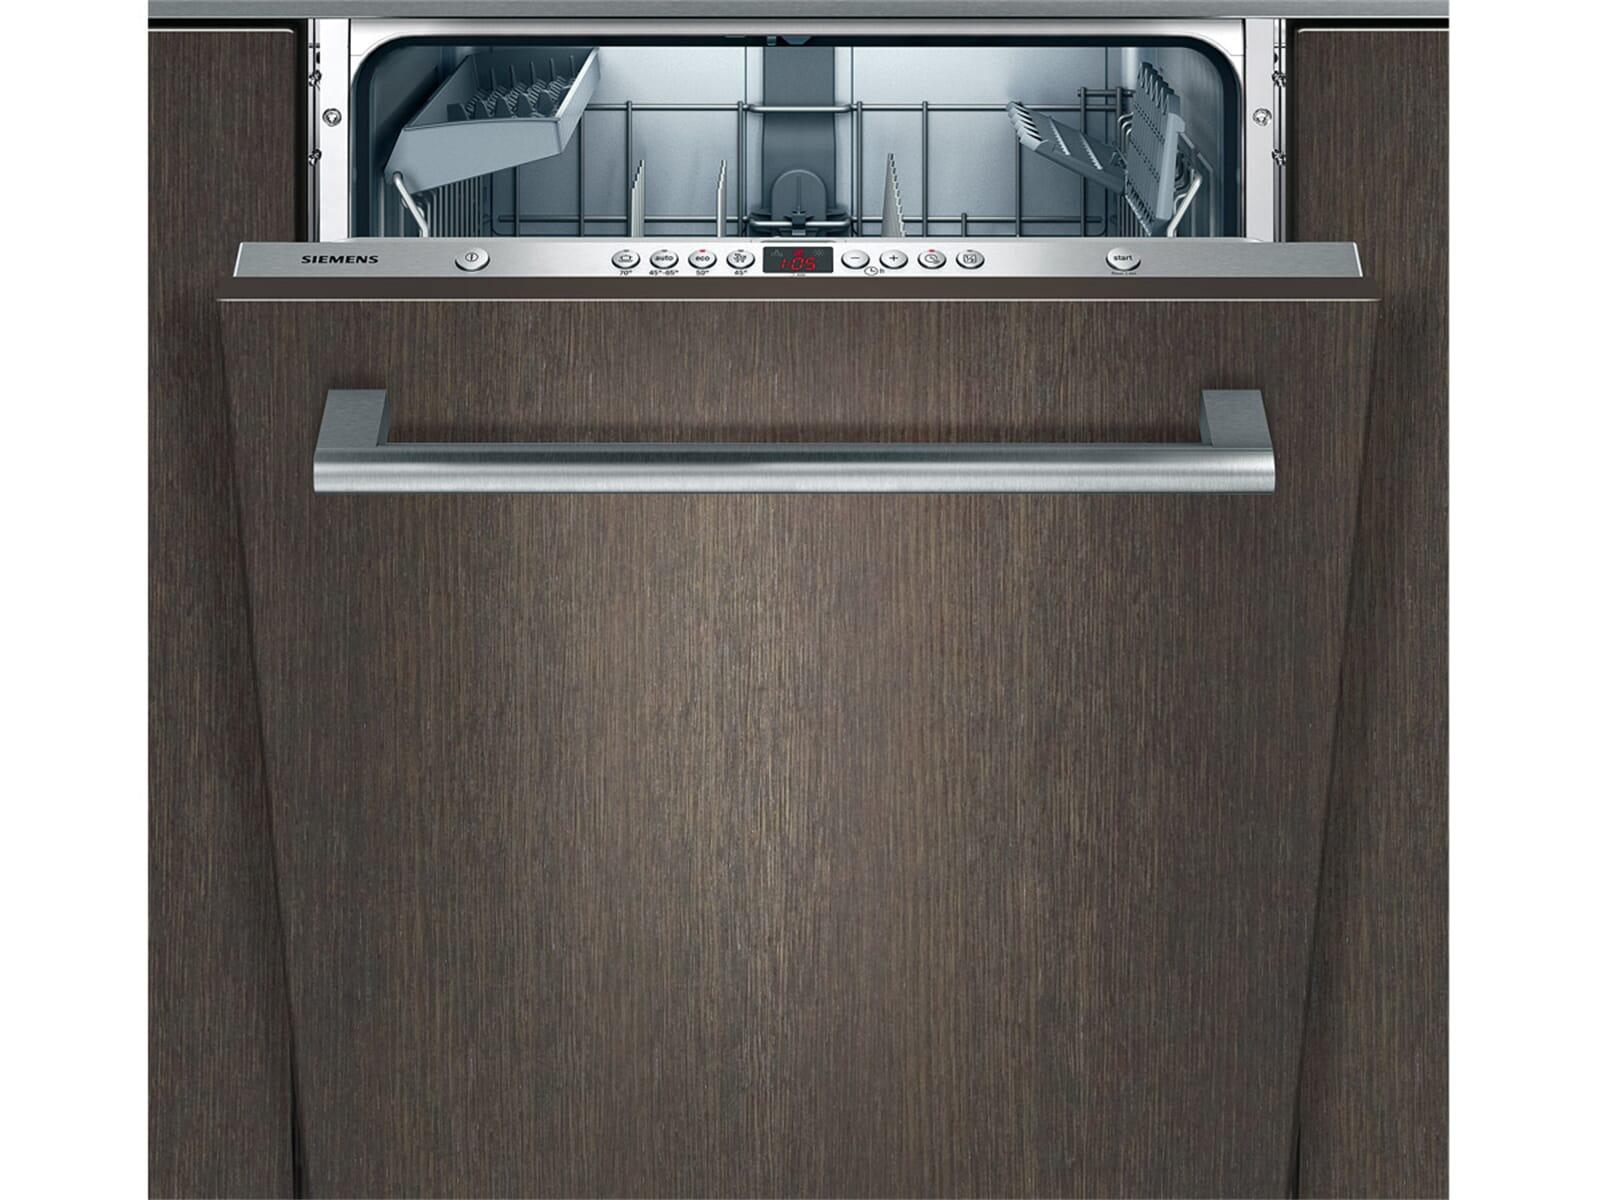 Siemens SX64M030EU Vollintegrierbarer Einbau Geschirrspüler XXL, EEK: A++